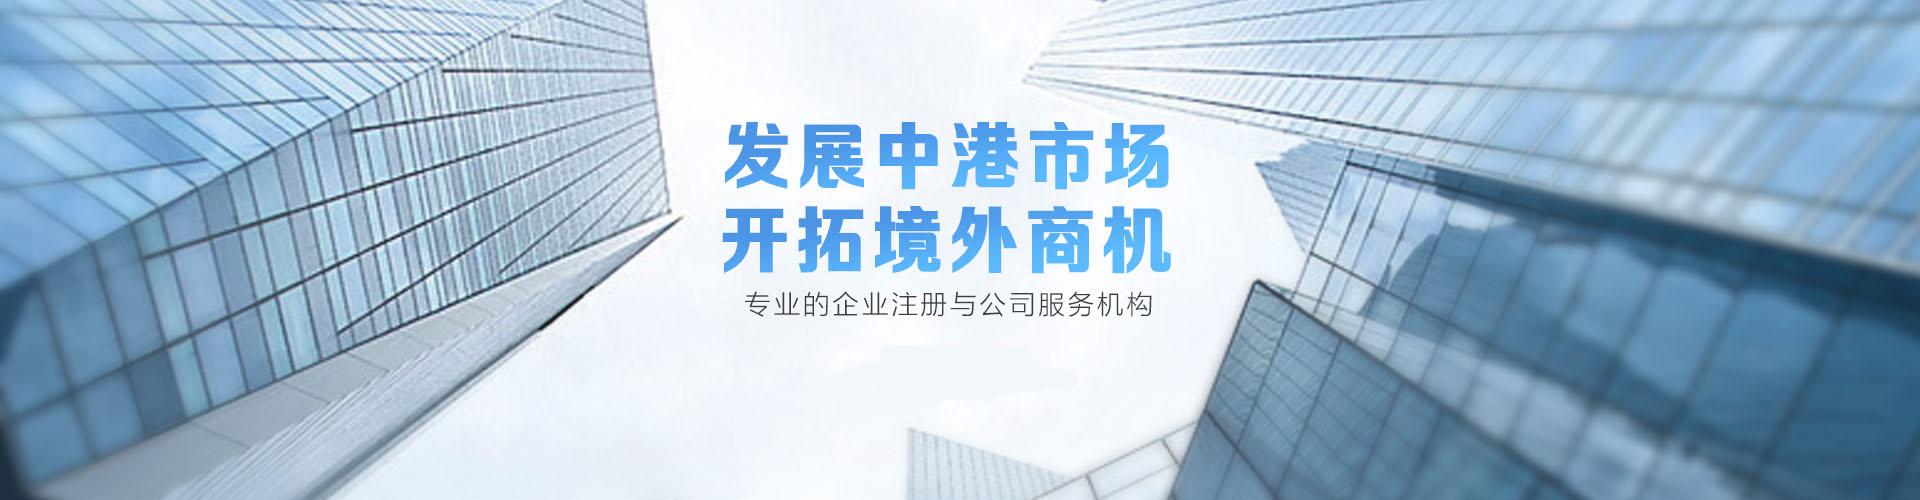 专业的企业注册公司和公司服务机构